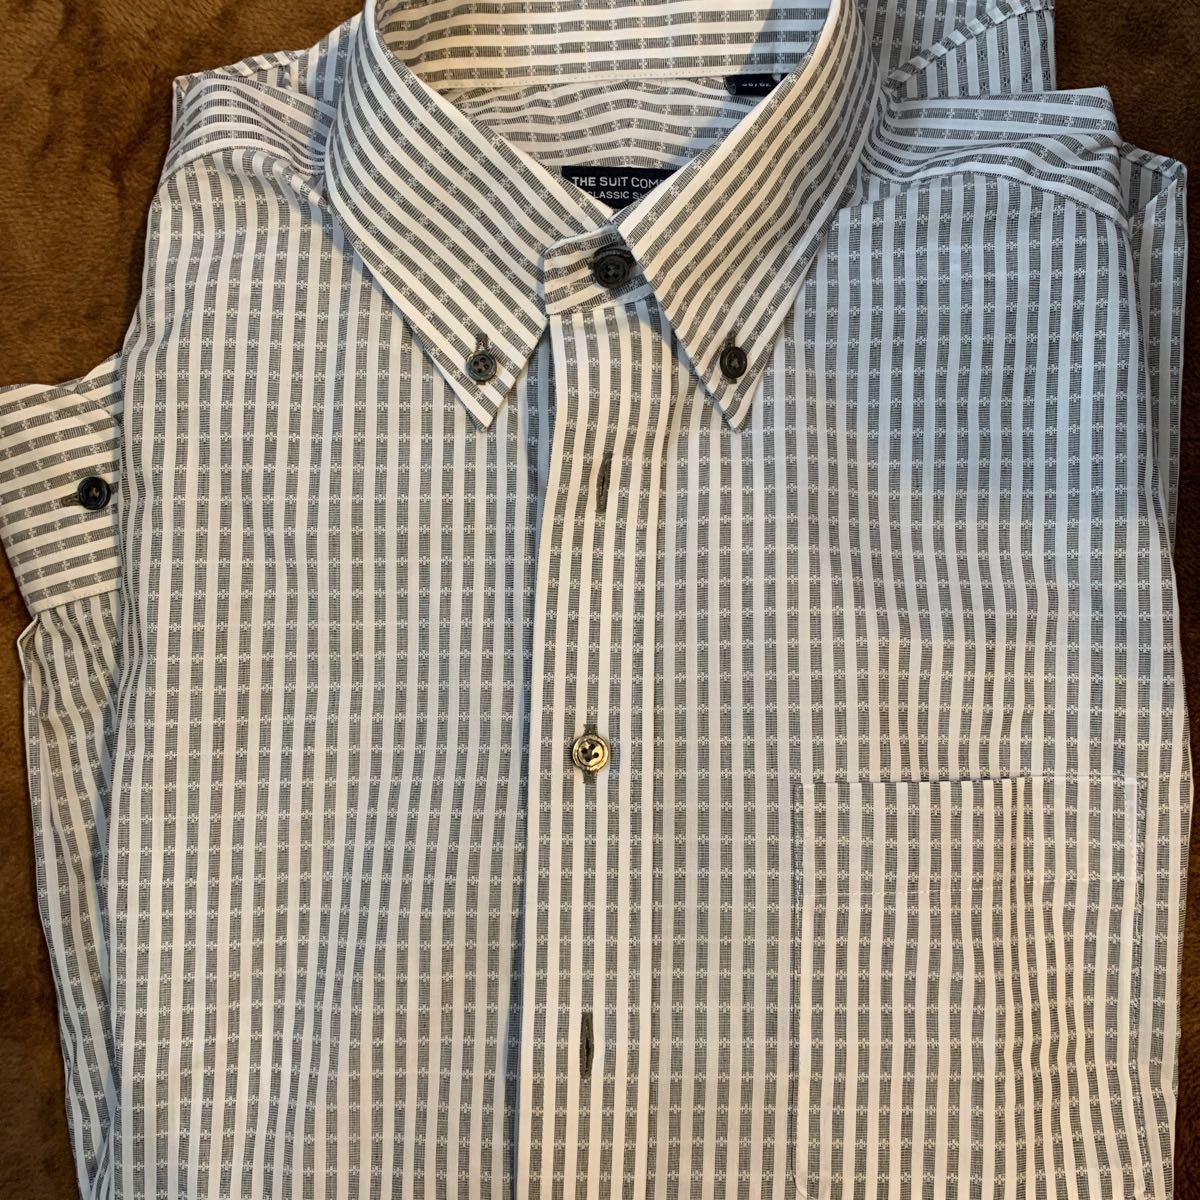 【新品】メンズ長袖Yシャツ ストライプ ビジネス用 ボタンダウンシャツ